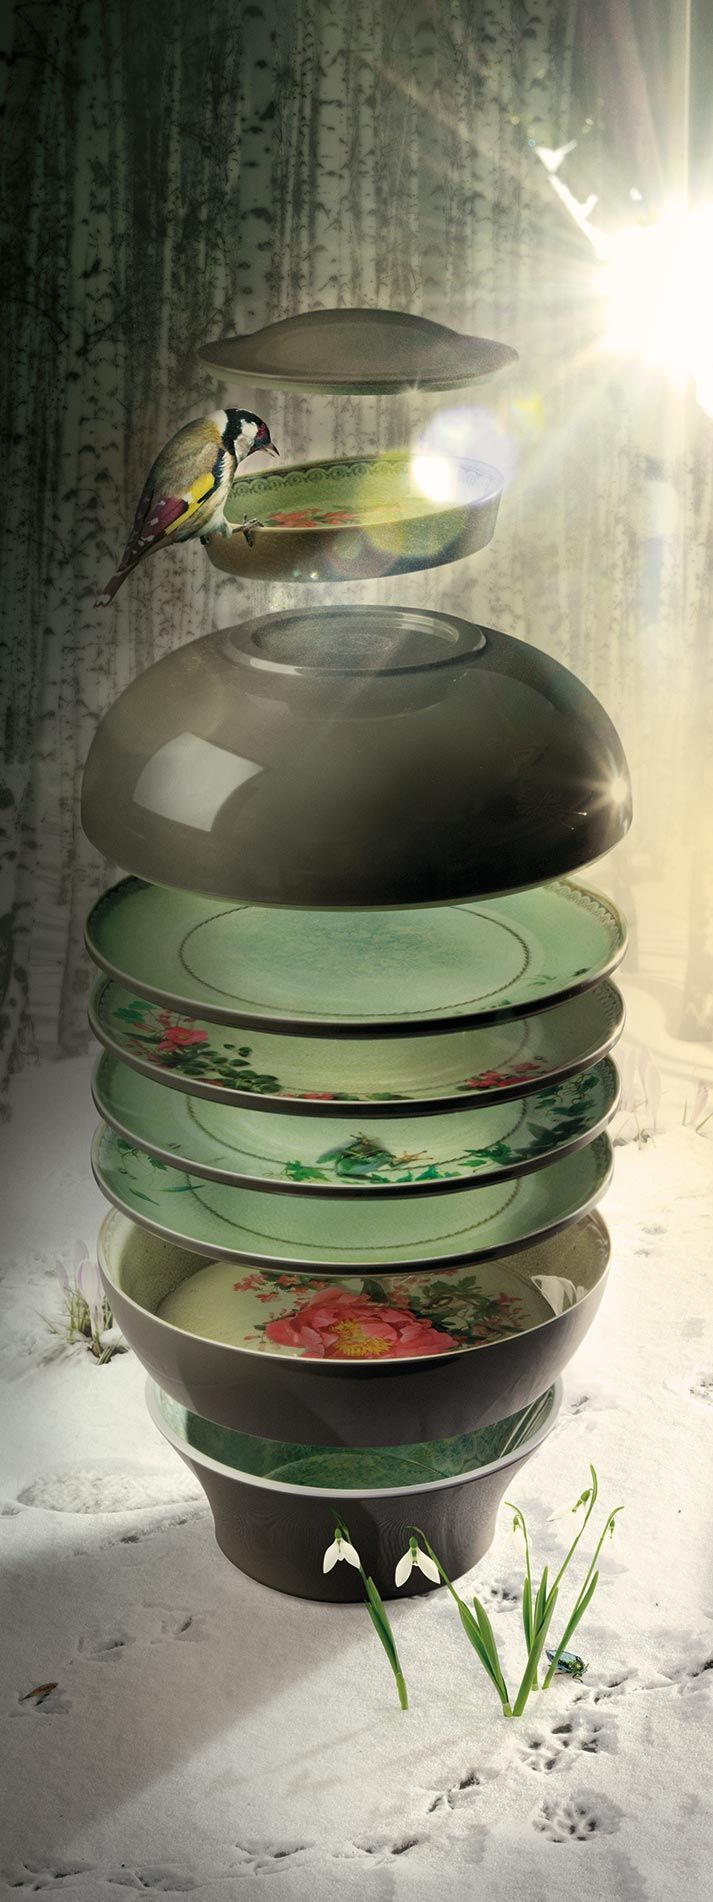 Vajilla de melamina IBRIDE distribuida por Francisco Segarra